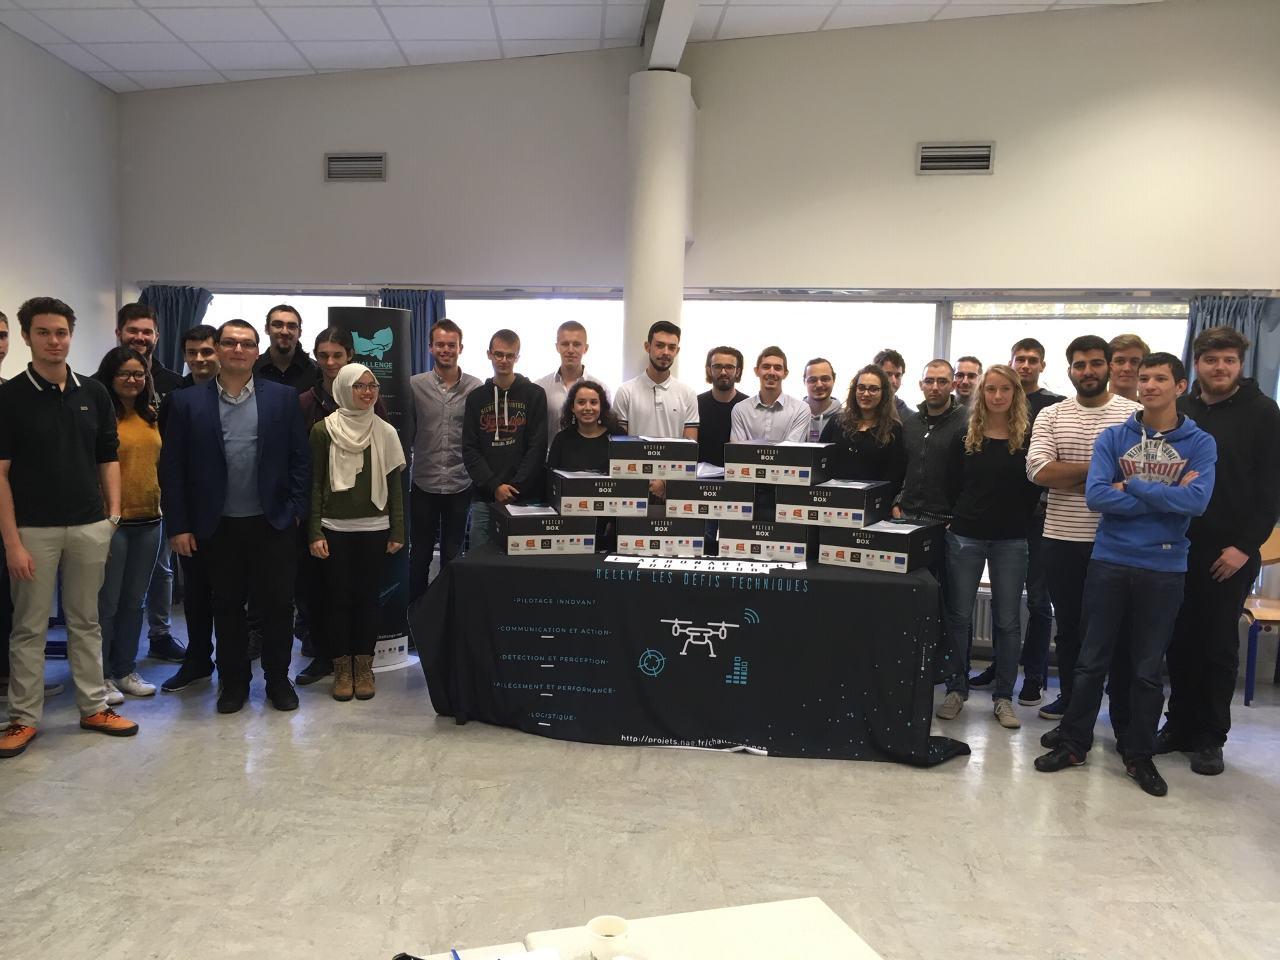 La Normandie soutient les initiatives drones des étudiants de la région